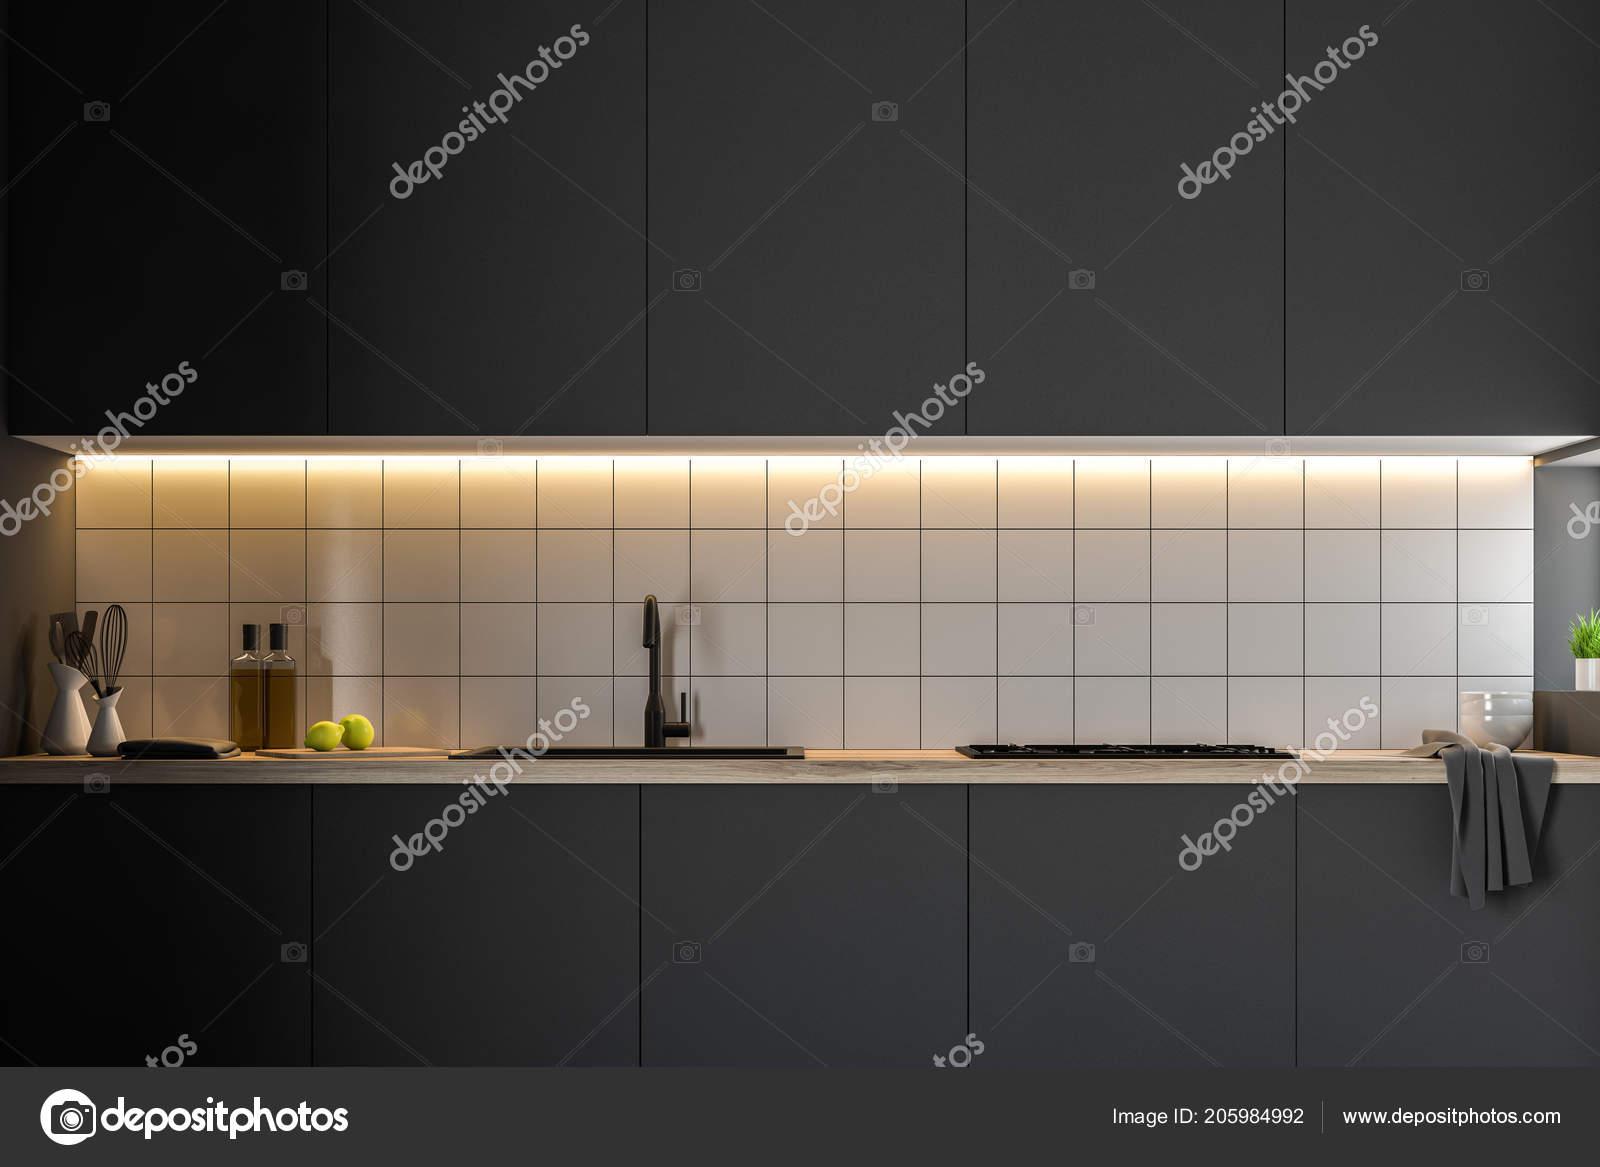 Piani cucina nera con costruito elettrodomestici piedi una cucina